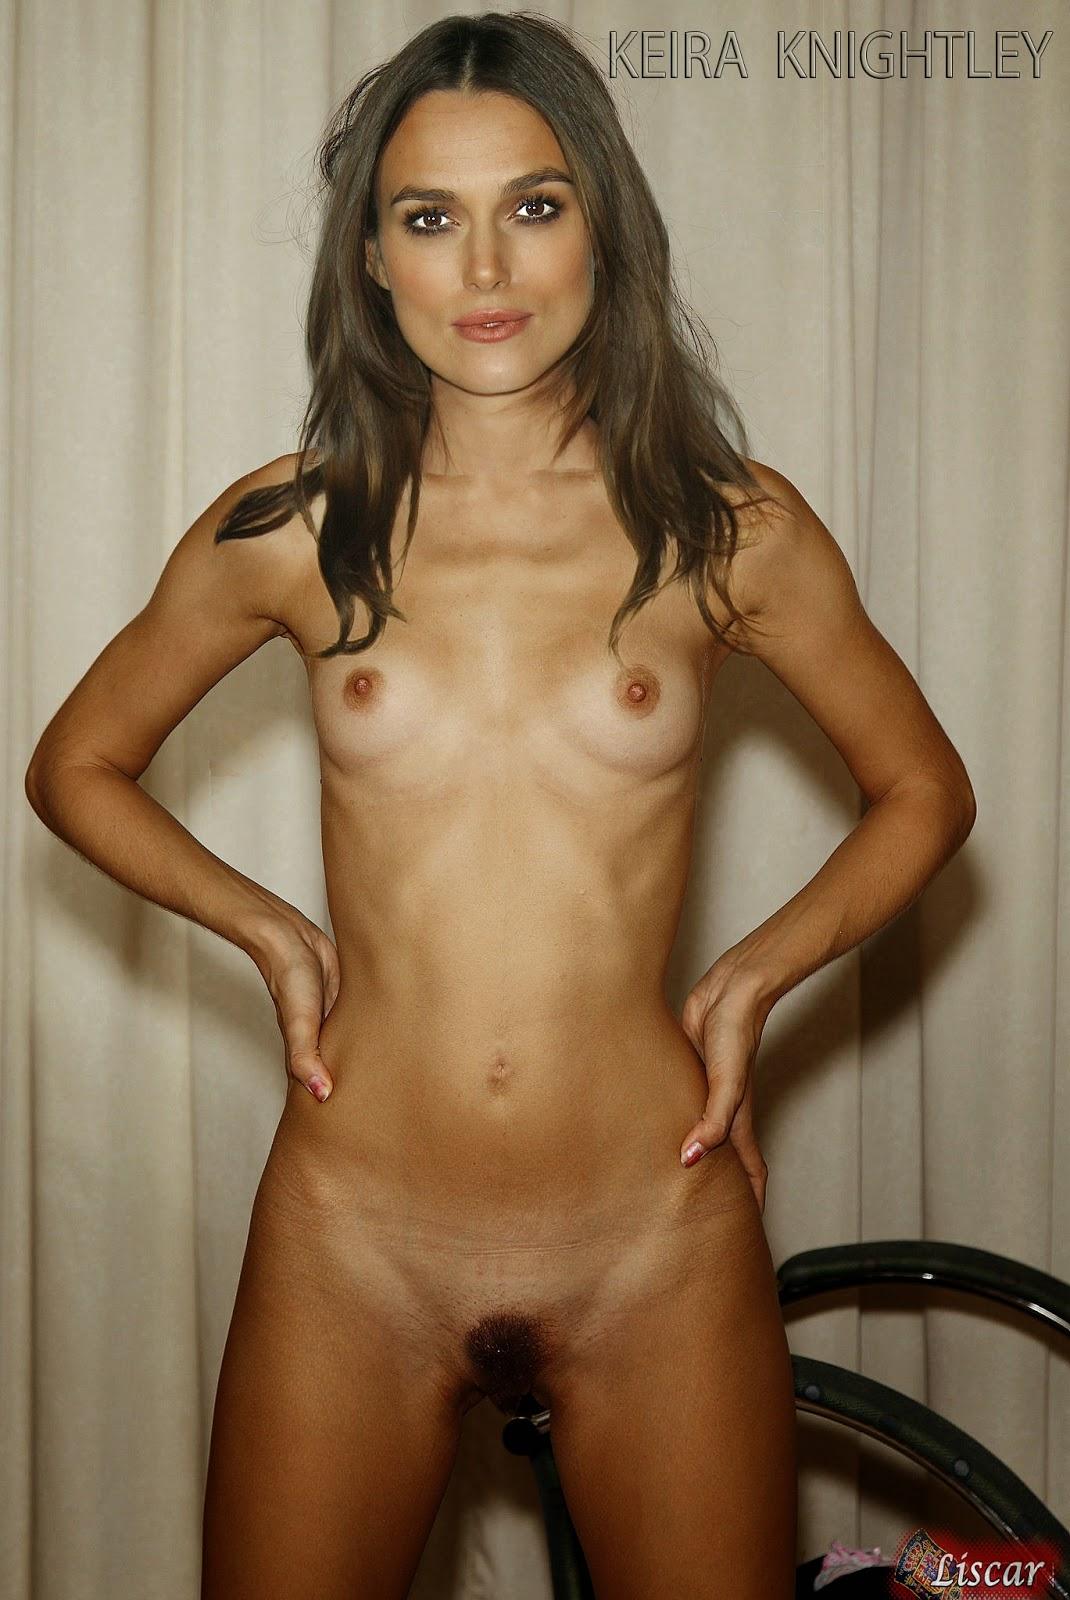 Keira Knightley vids desnudos